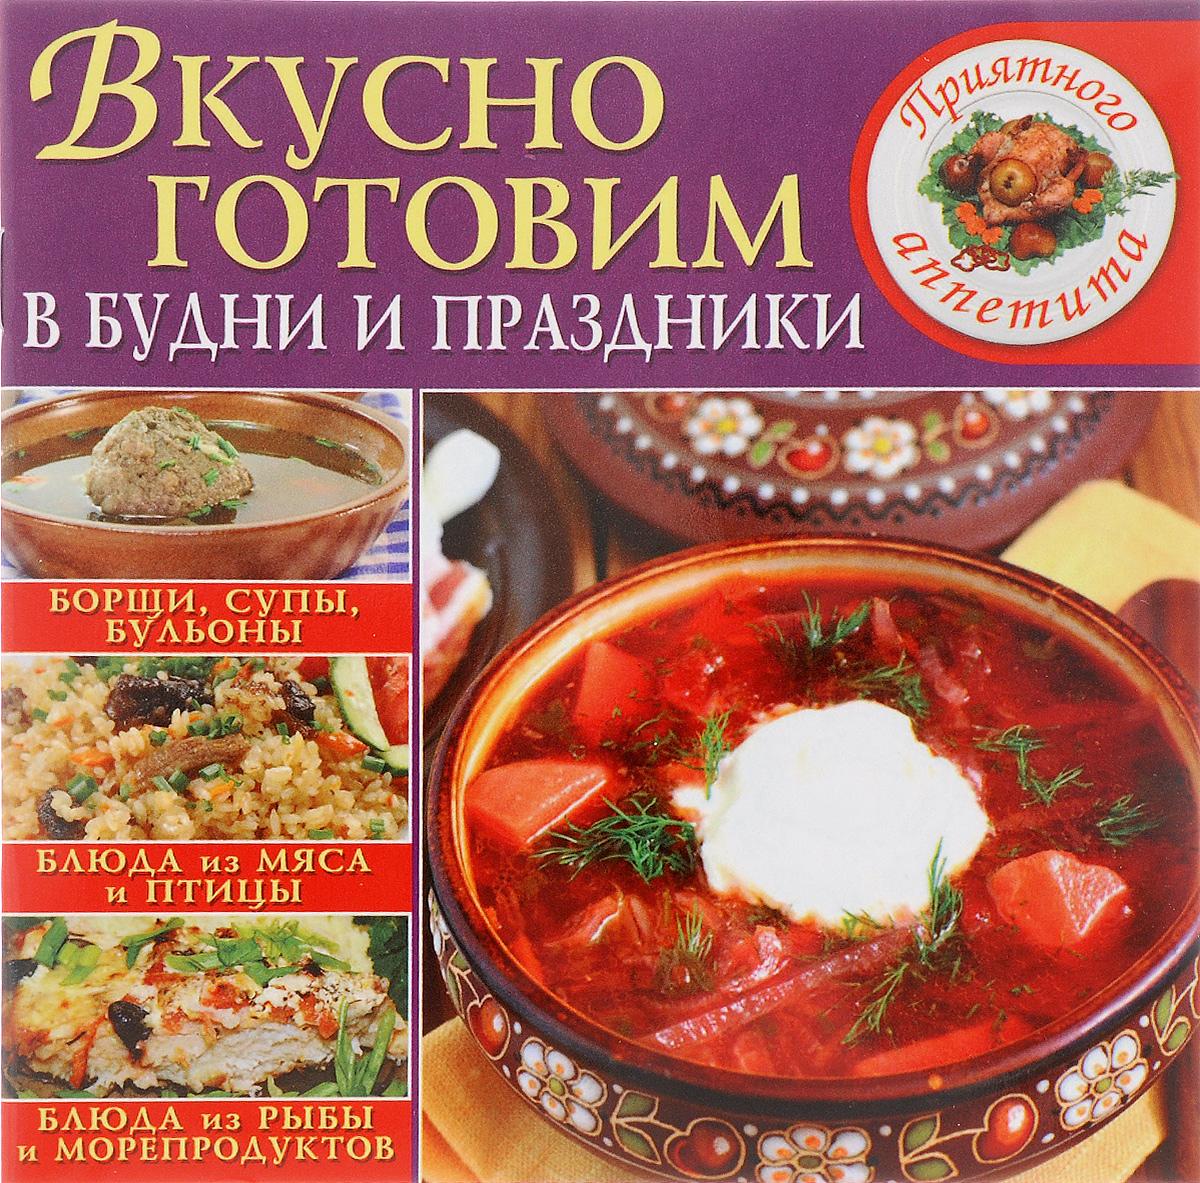 Вкусно готовим в будни и праздники готовим просто и вкусно лучшие рецепты 20 брошюр